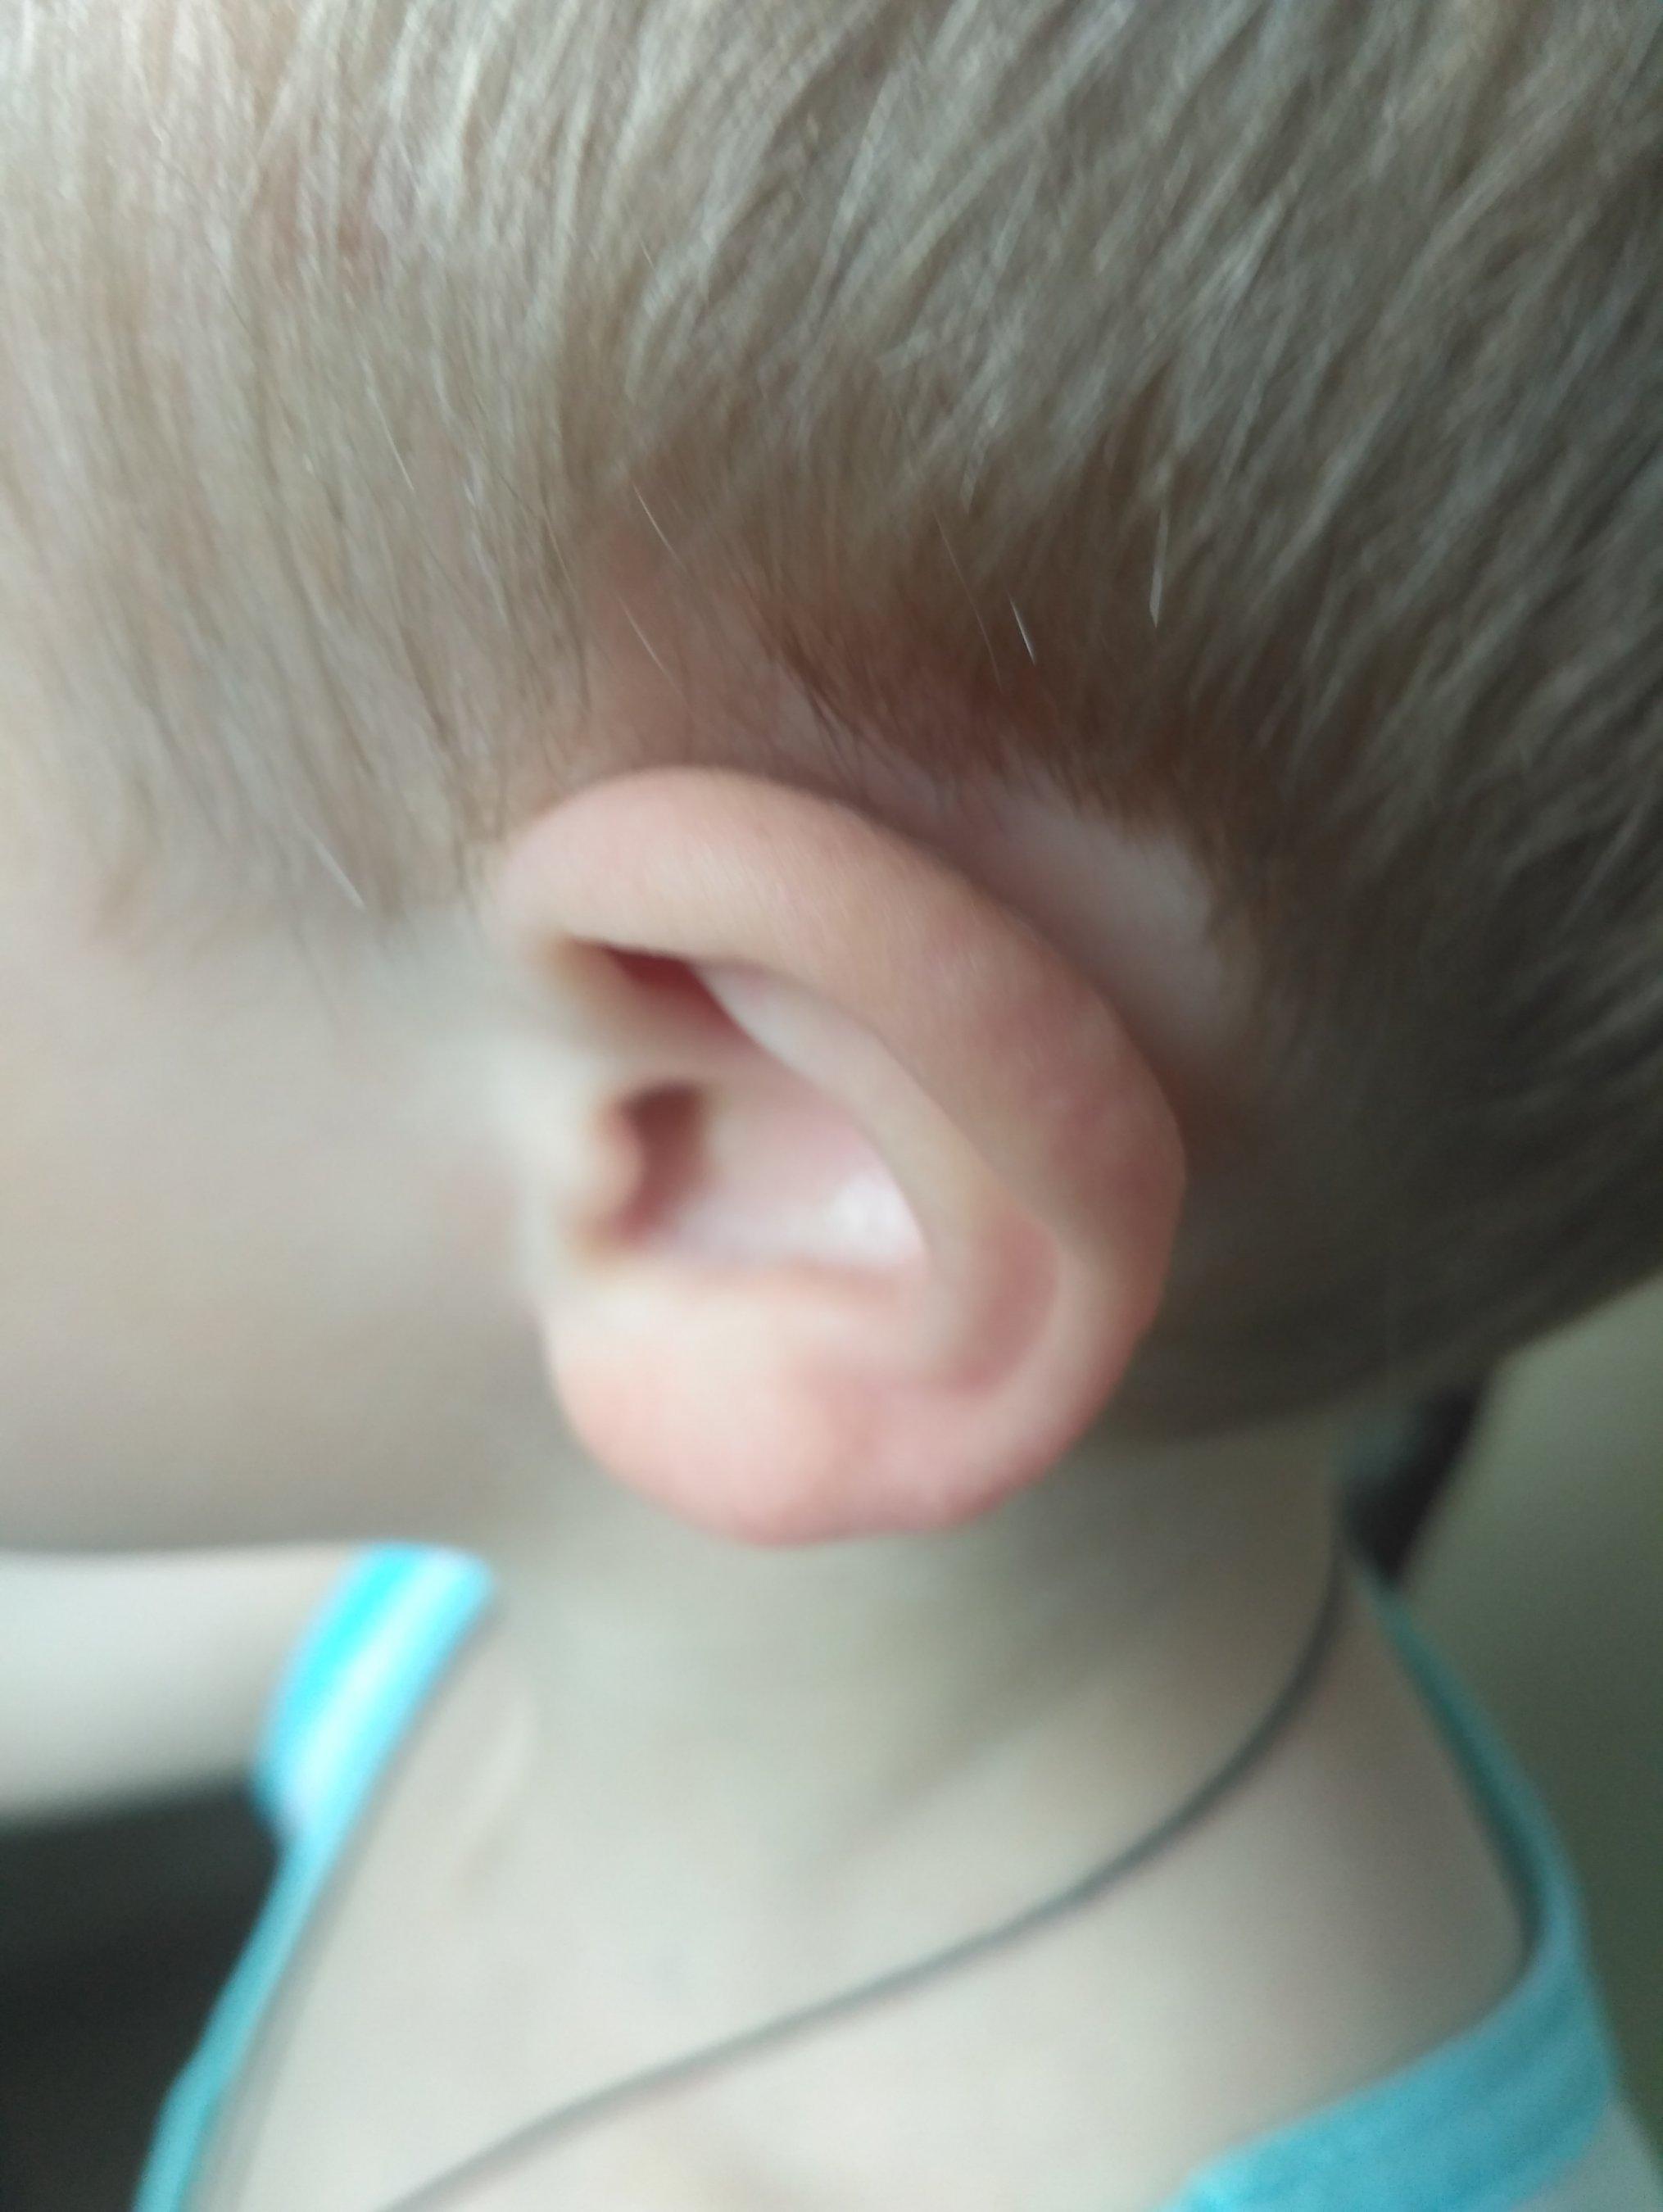 Затылочные лимфоузлы у ребенка в год фото